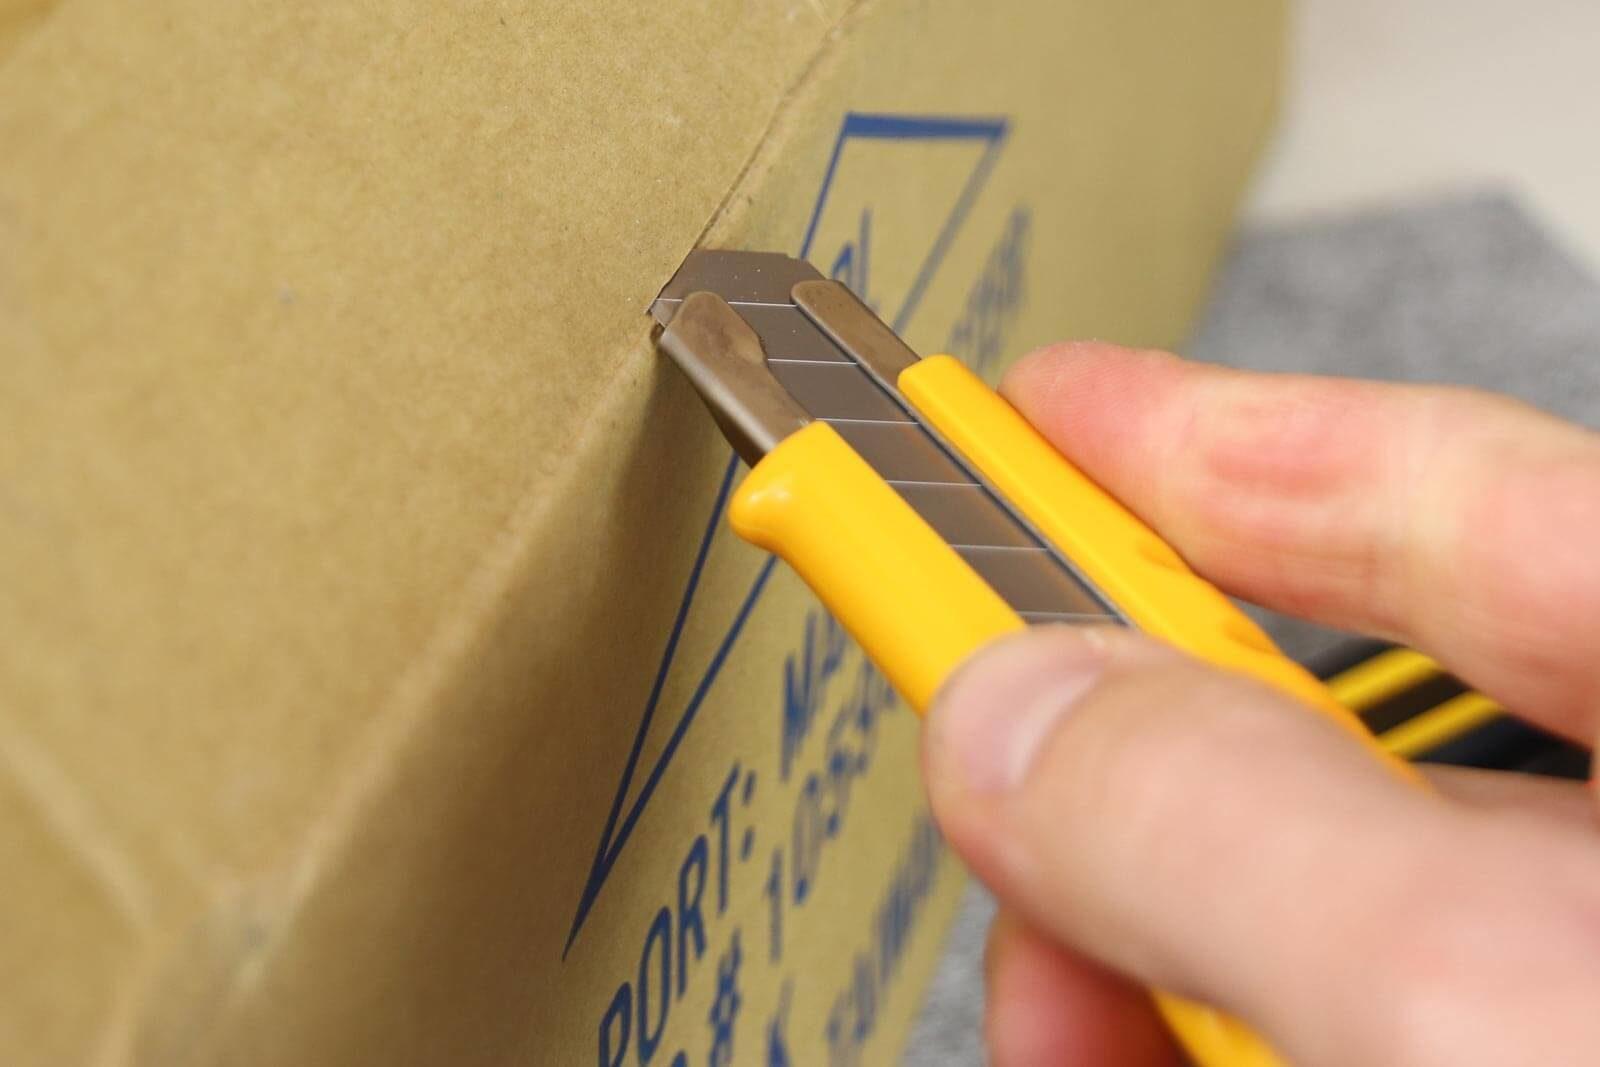 C065-Cuttermesser-18-mm-Premium-OLFA-L1-Dial-Lock-Karton-CURT-tools_1600